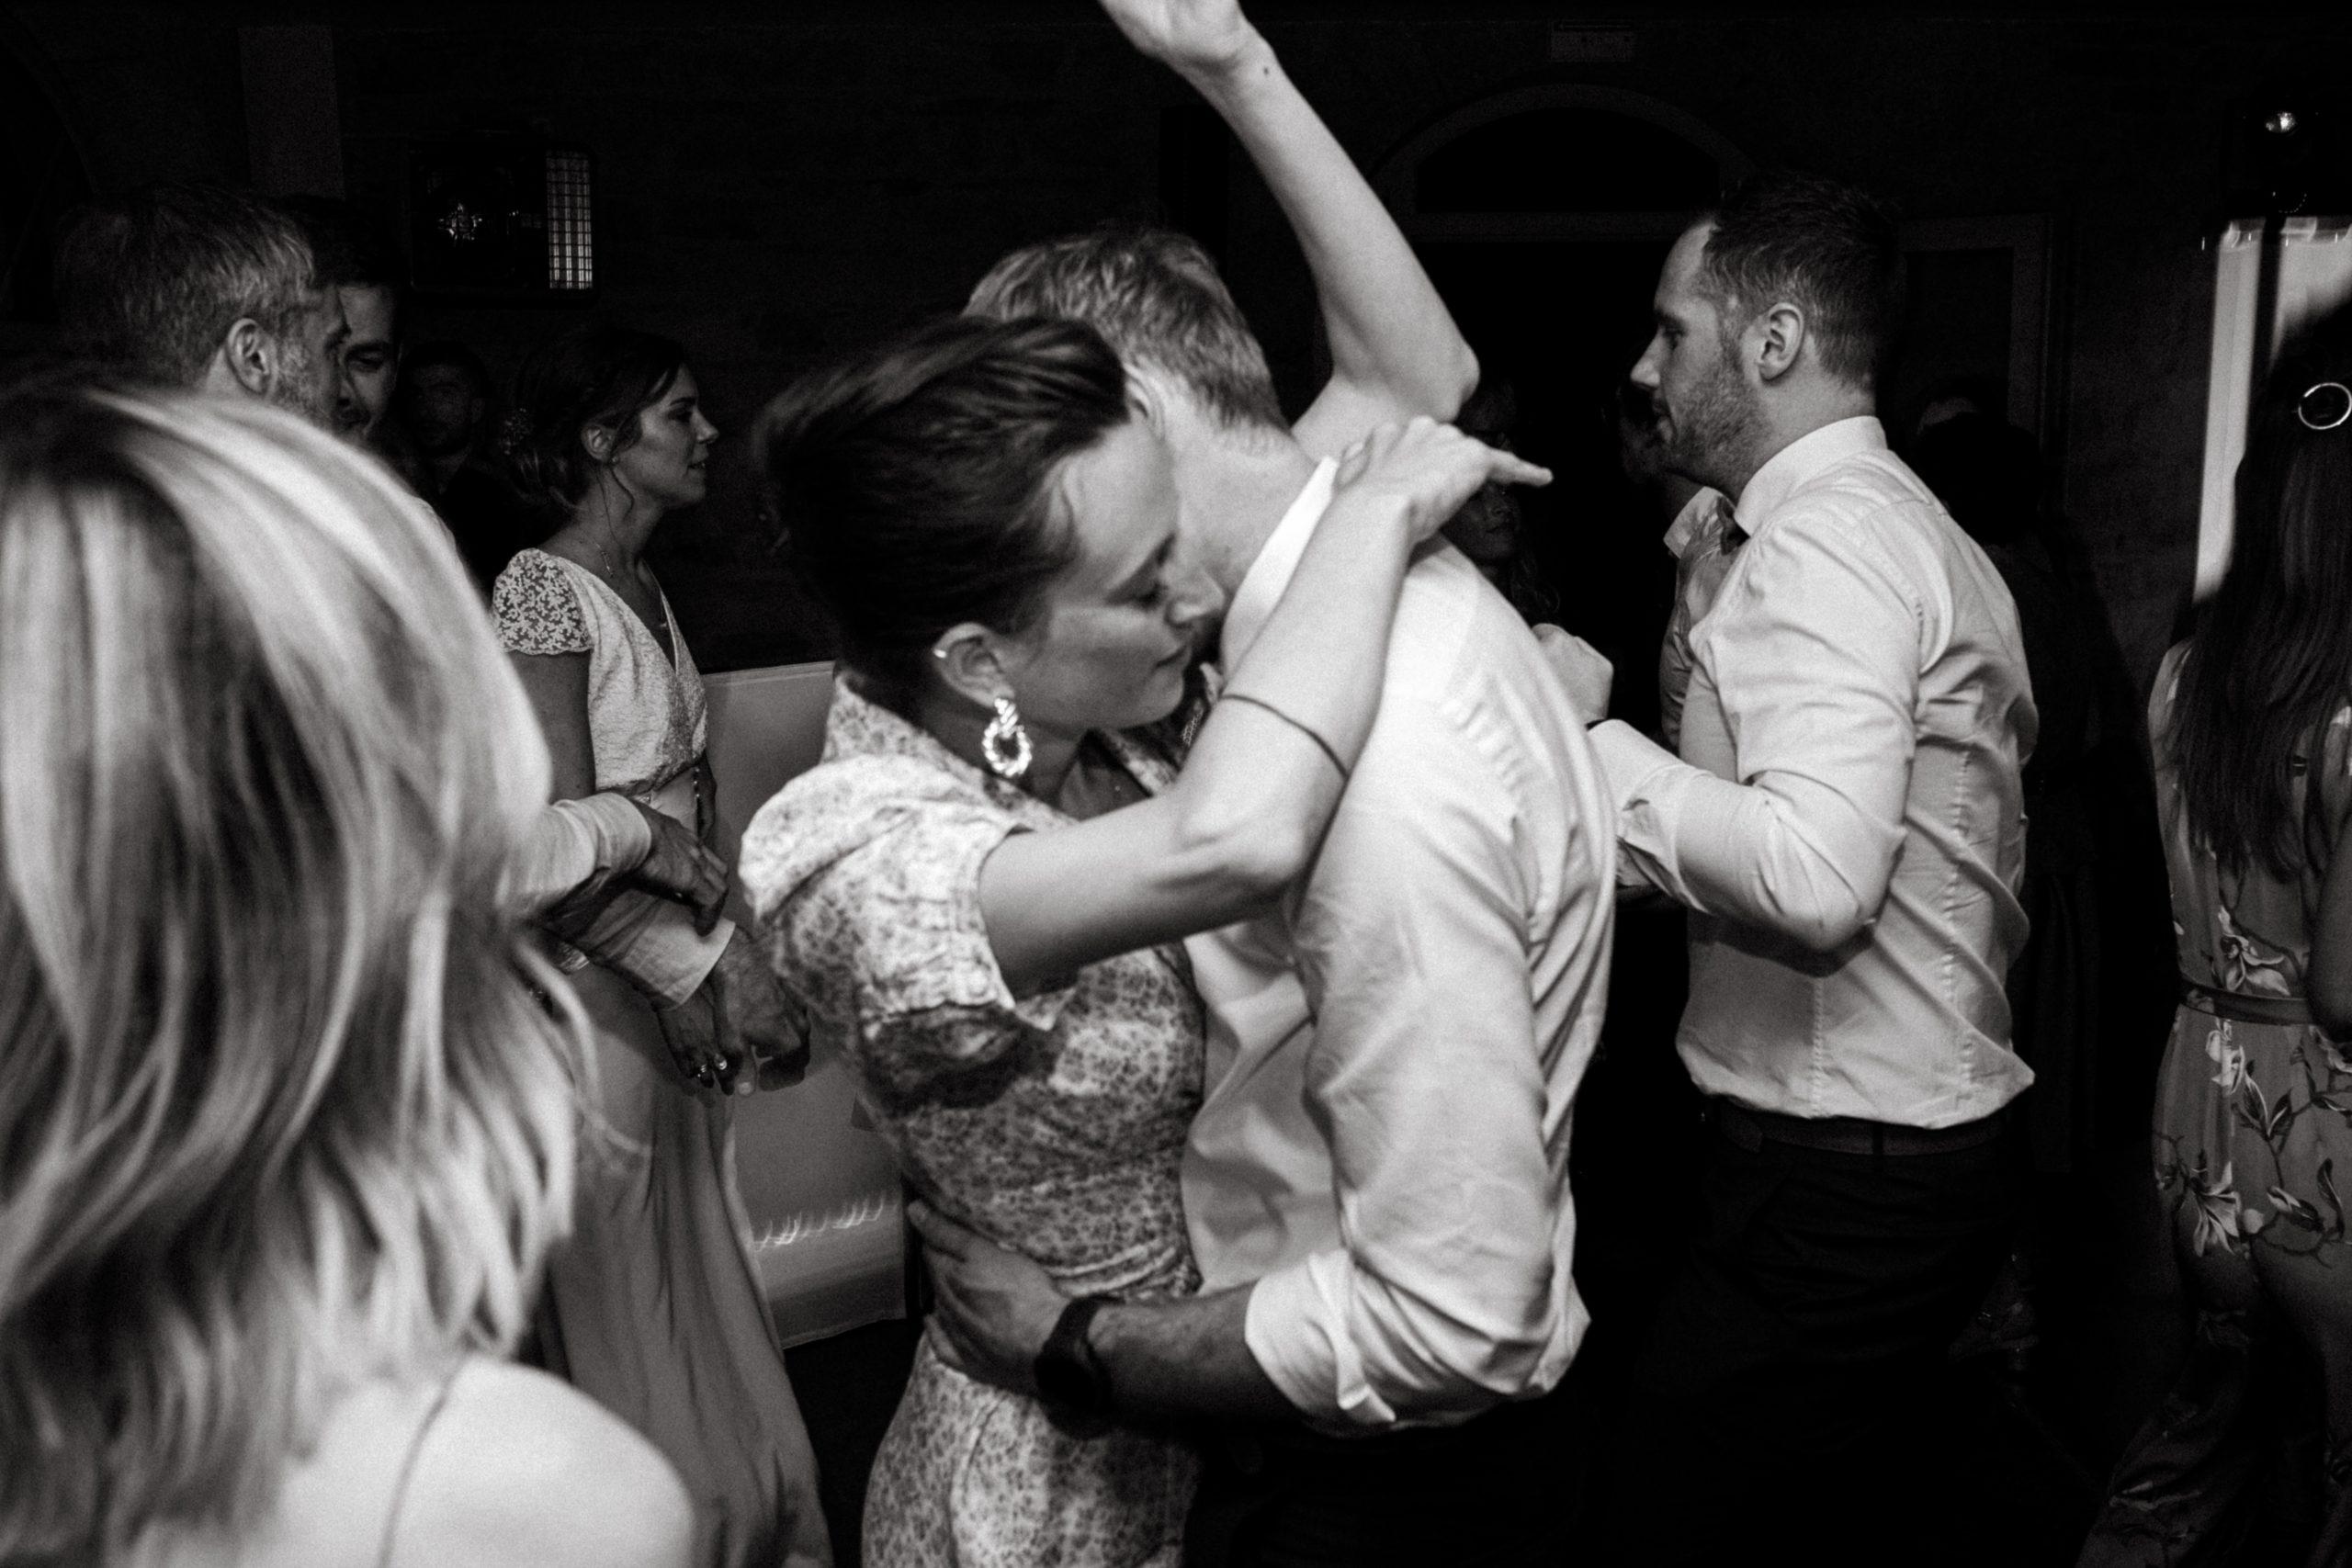 UTOPICLOVERS20200718 – MARIAGE Segolene Thomas 11891 scaled - Un mariage simple et joyeux au Manoir Tourieux dans le beaujolais.